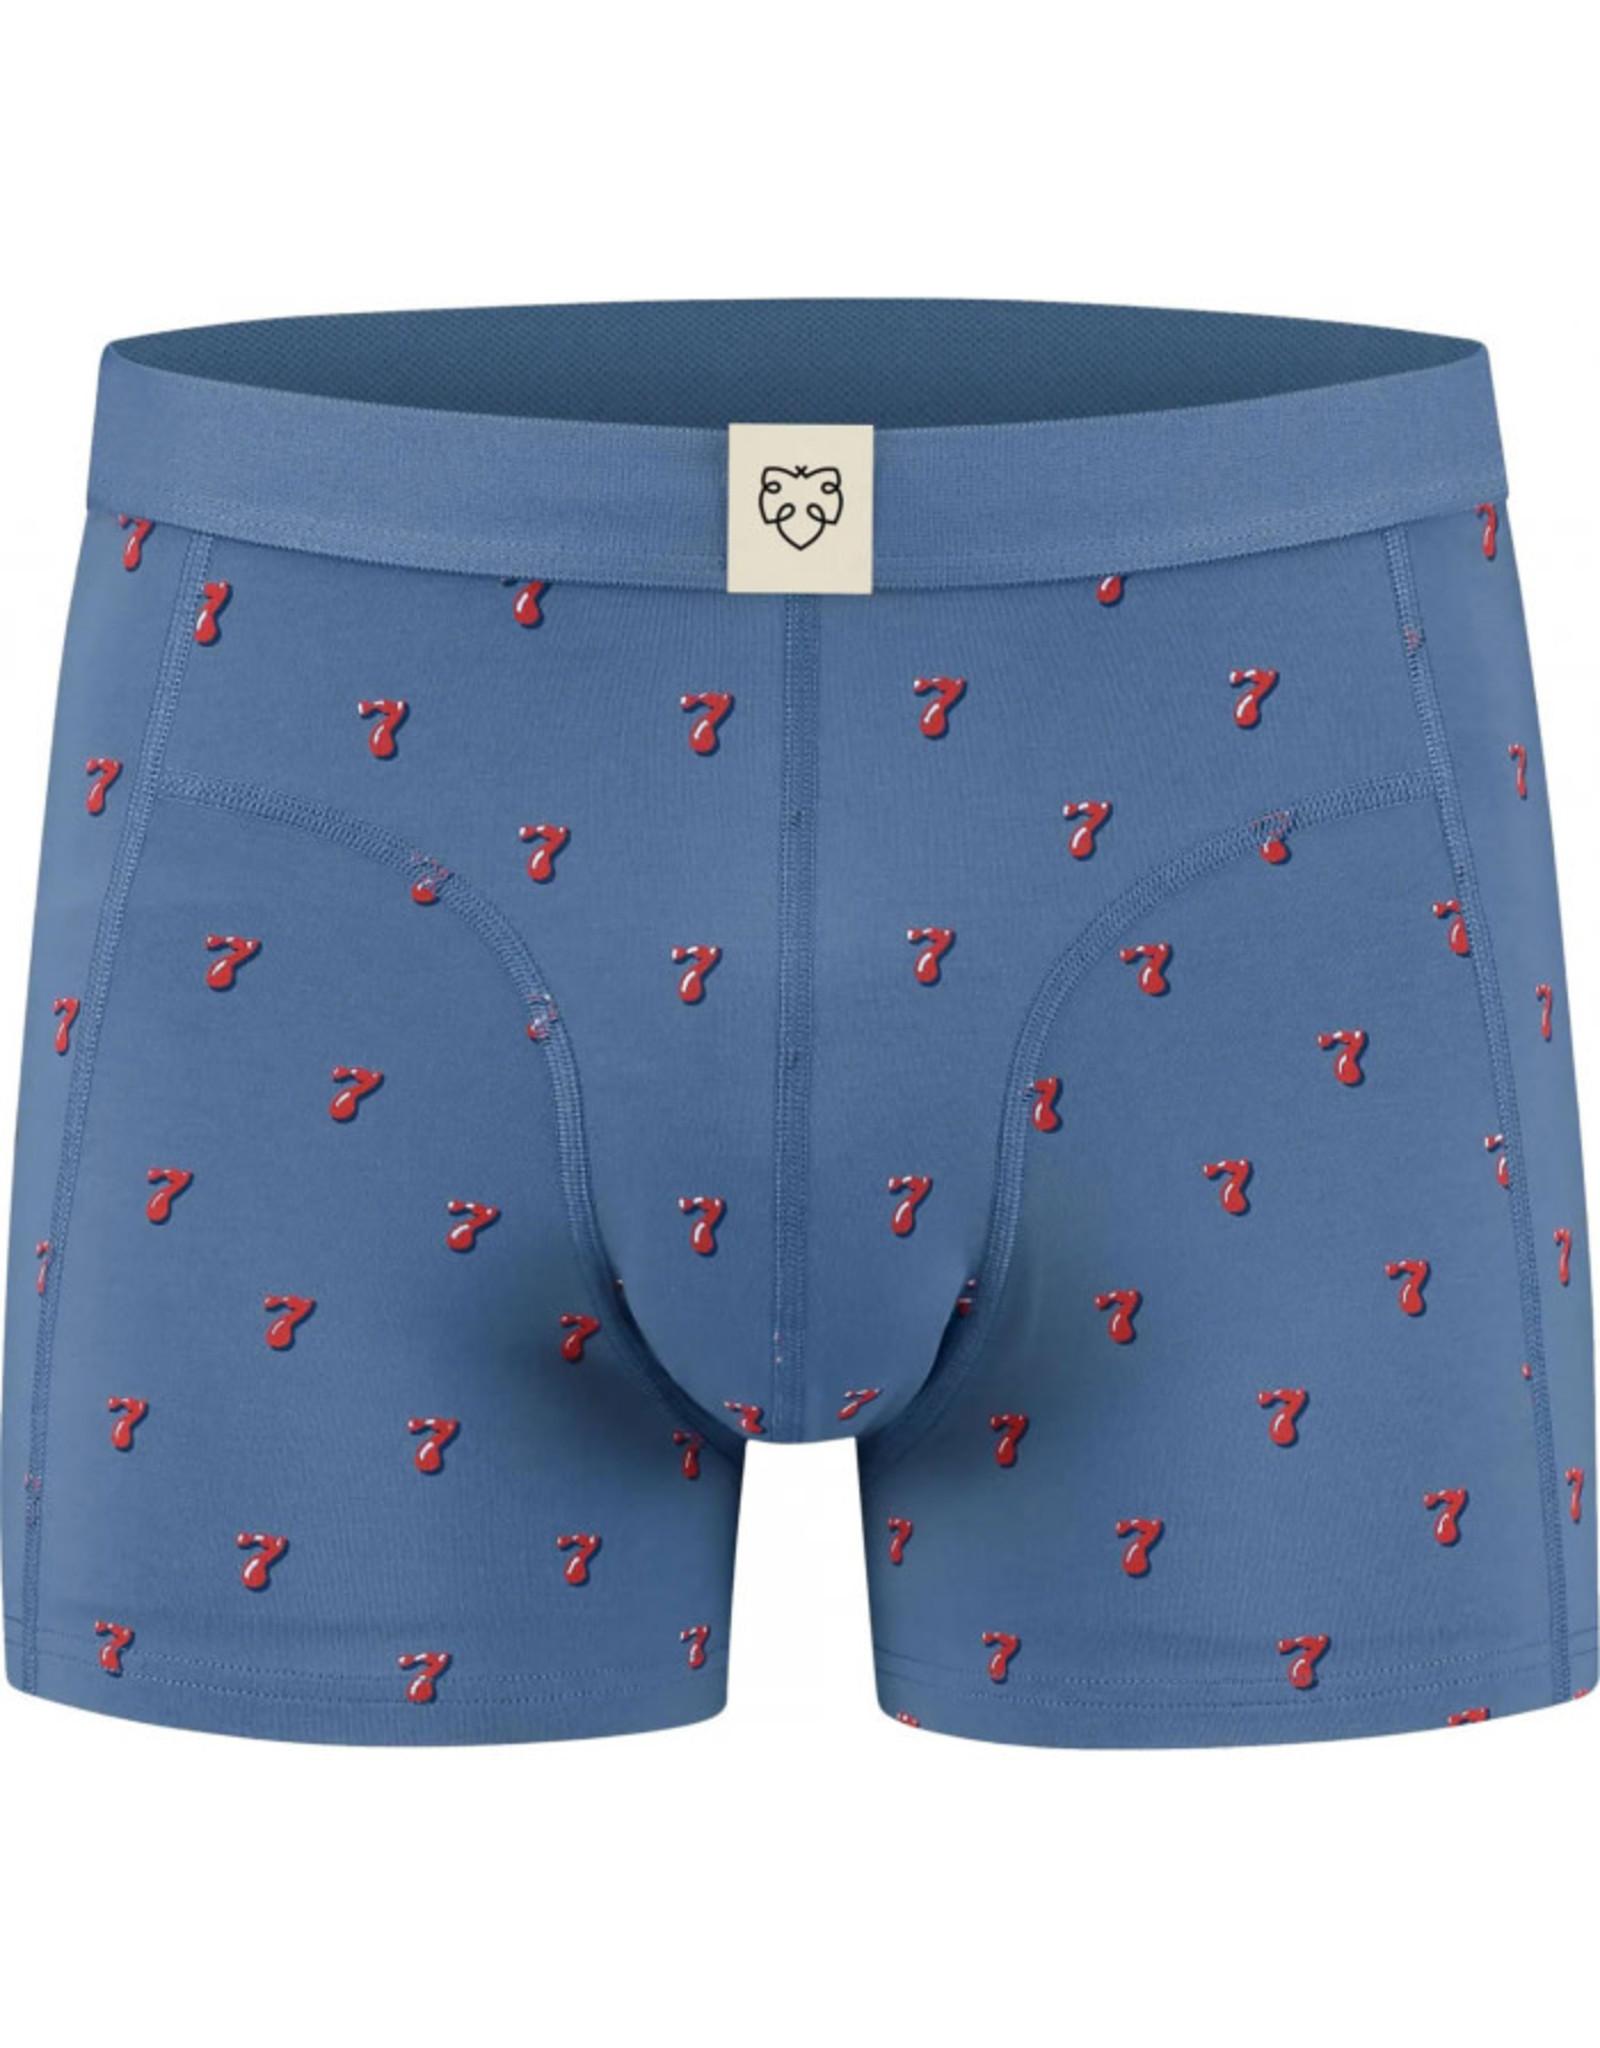 A-dam Underwear Winne